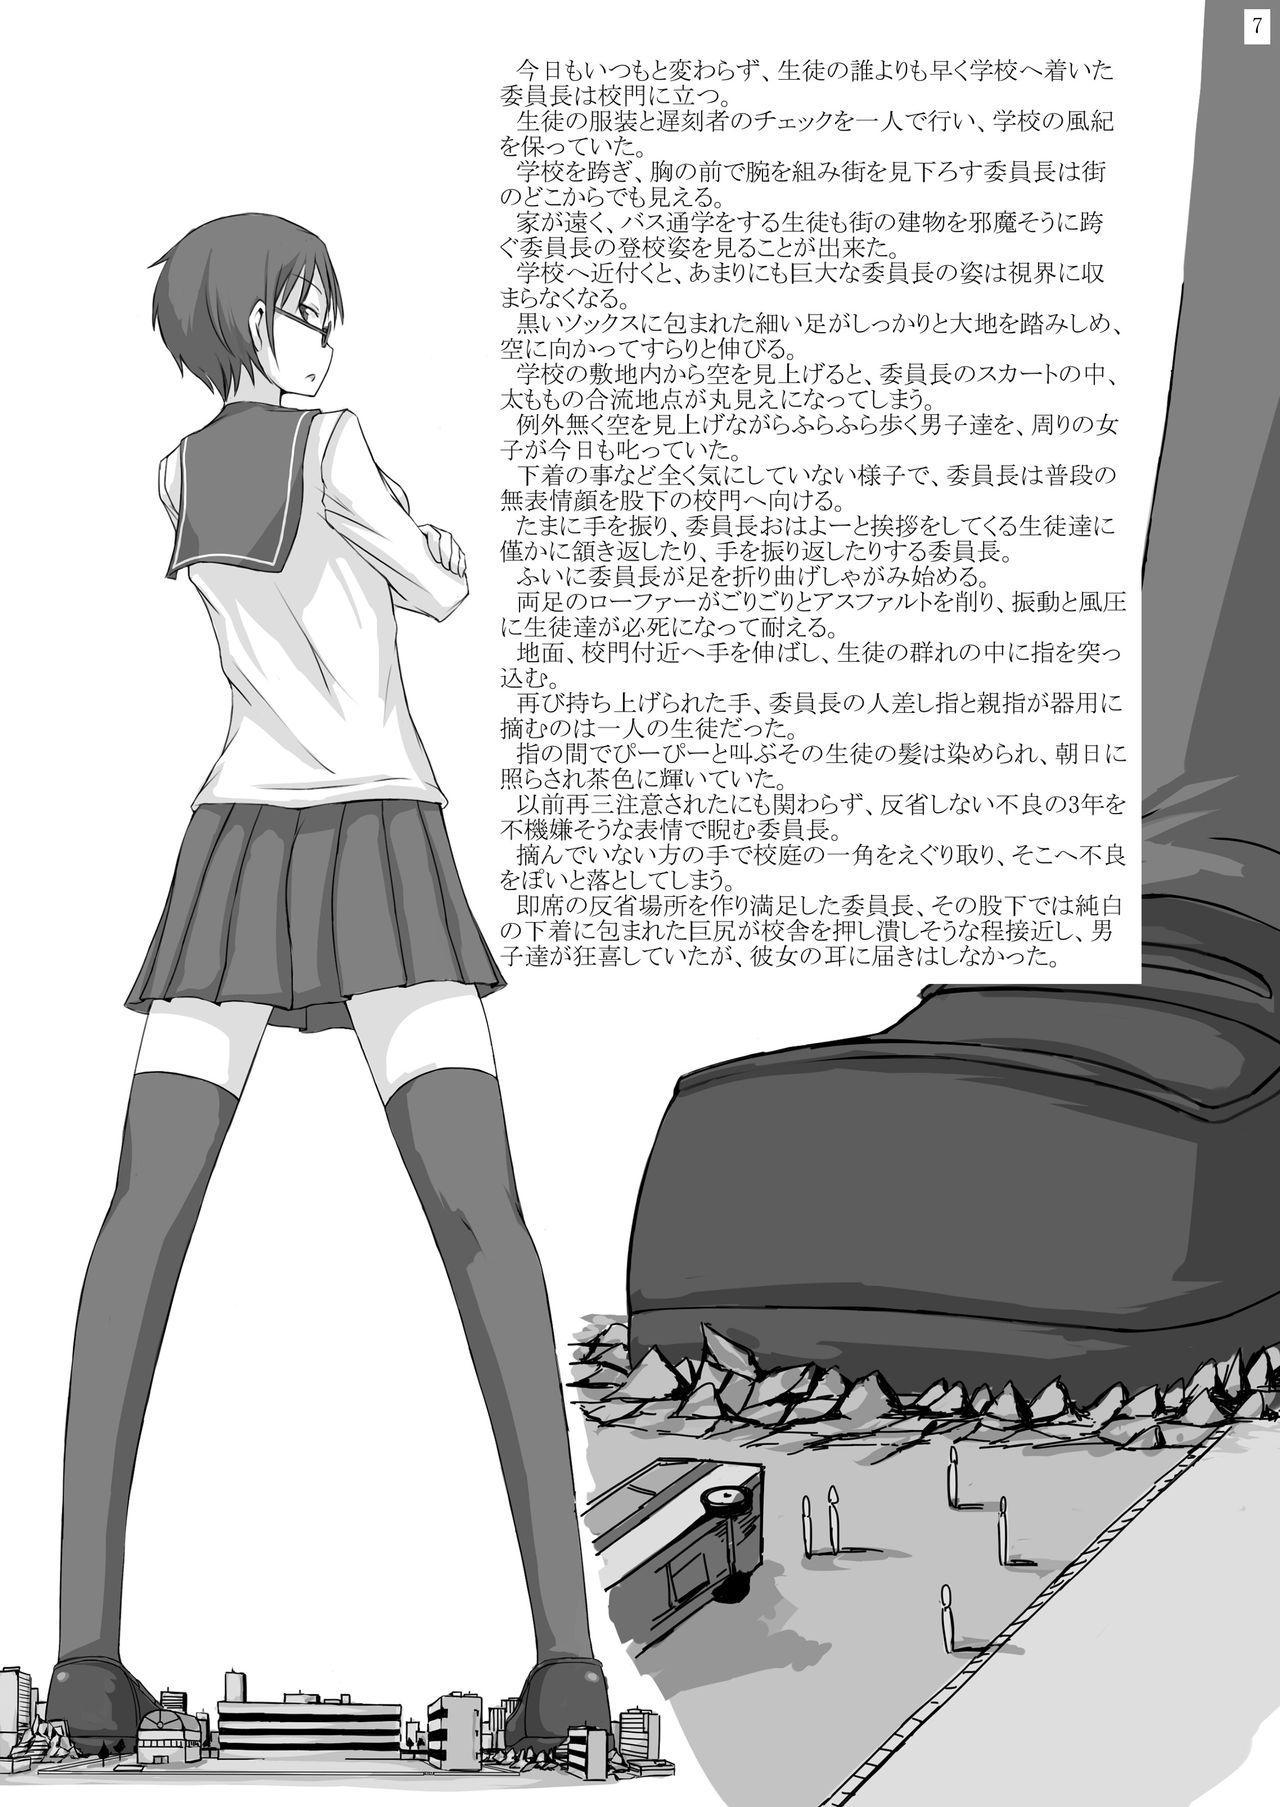 Kyojo Janee Kyodai Musume da! 6